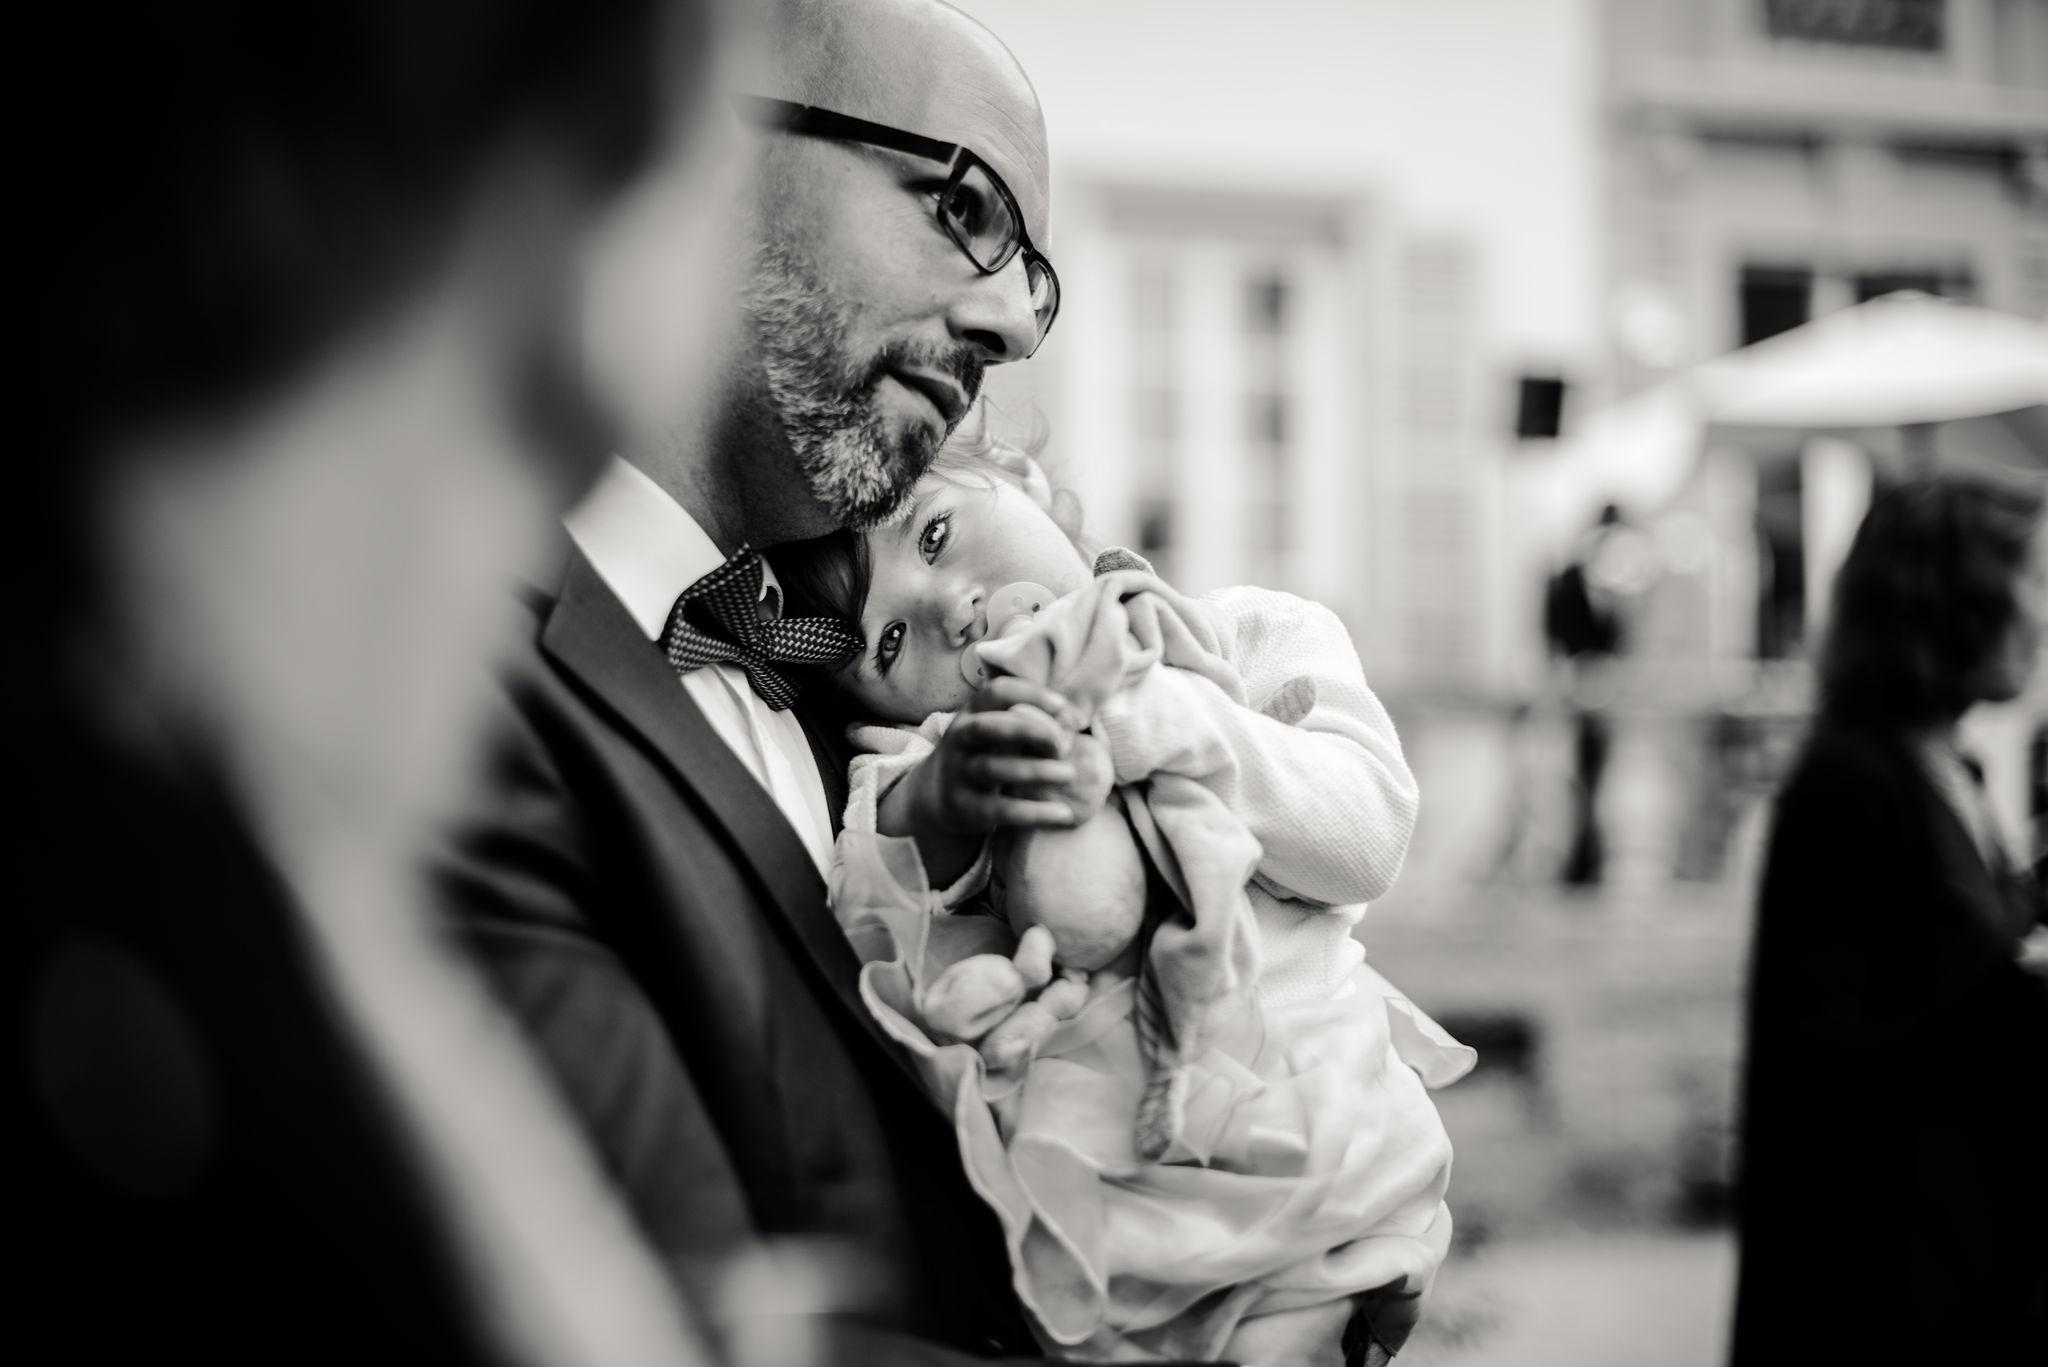 Léa-Fery-photographe-professionnel-lyon-rhone-alpes-portrait-creation-mariage-evenement-evenementiel-famille-7568.jpg